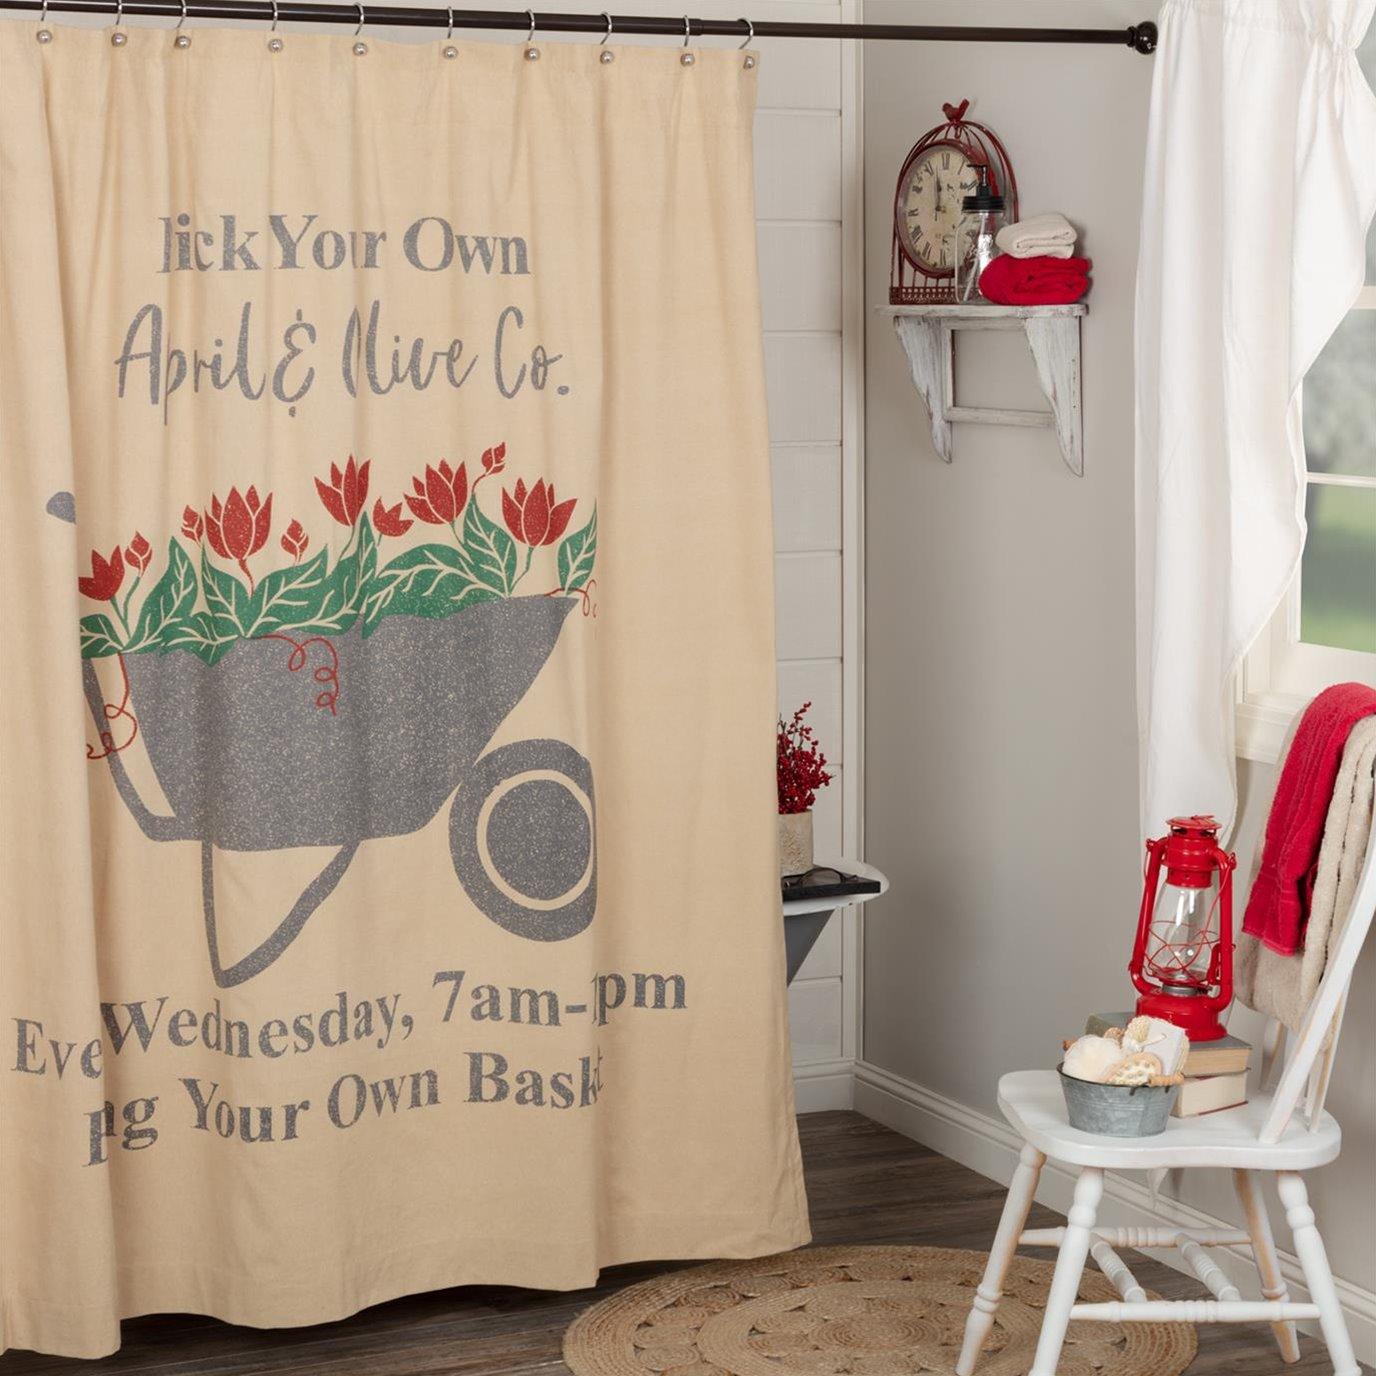 Farmer's Market Wheelbarrow Shower Curtain 72x72